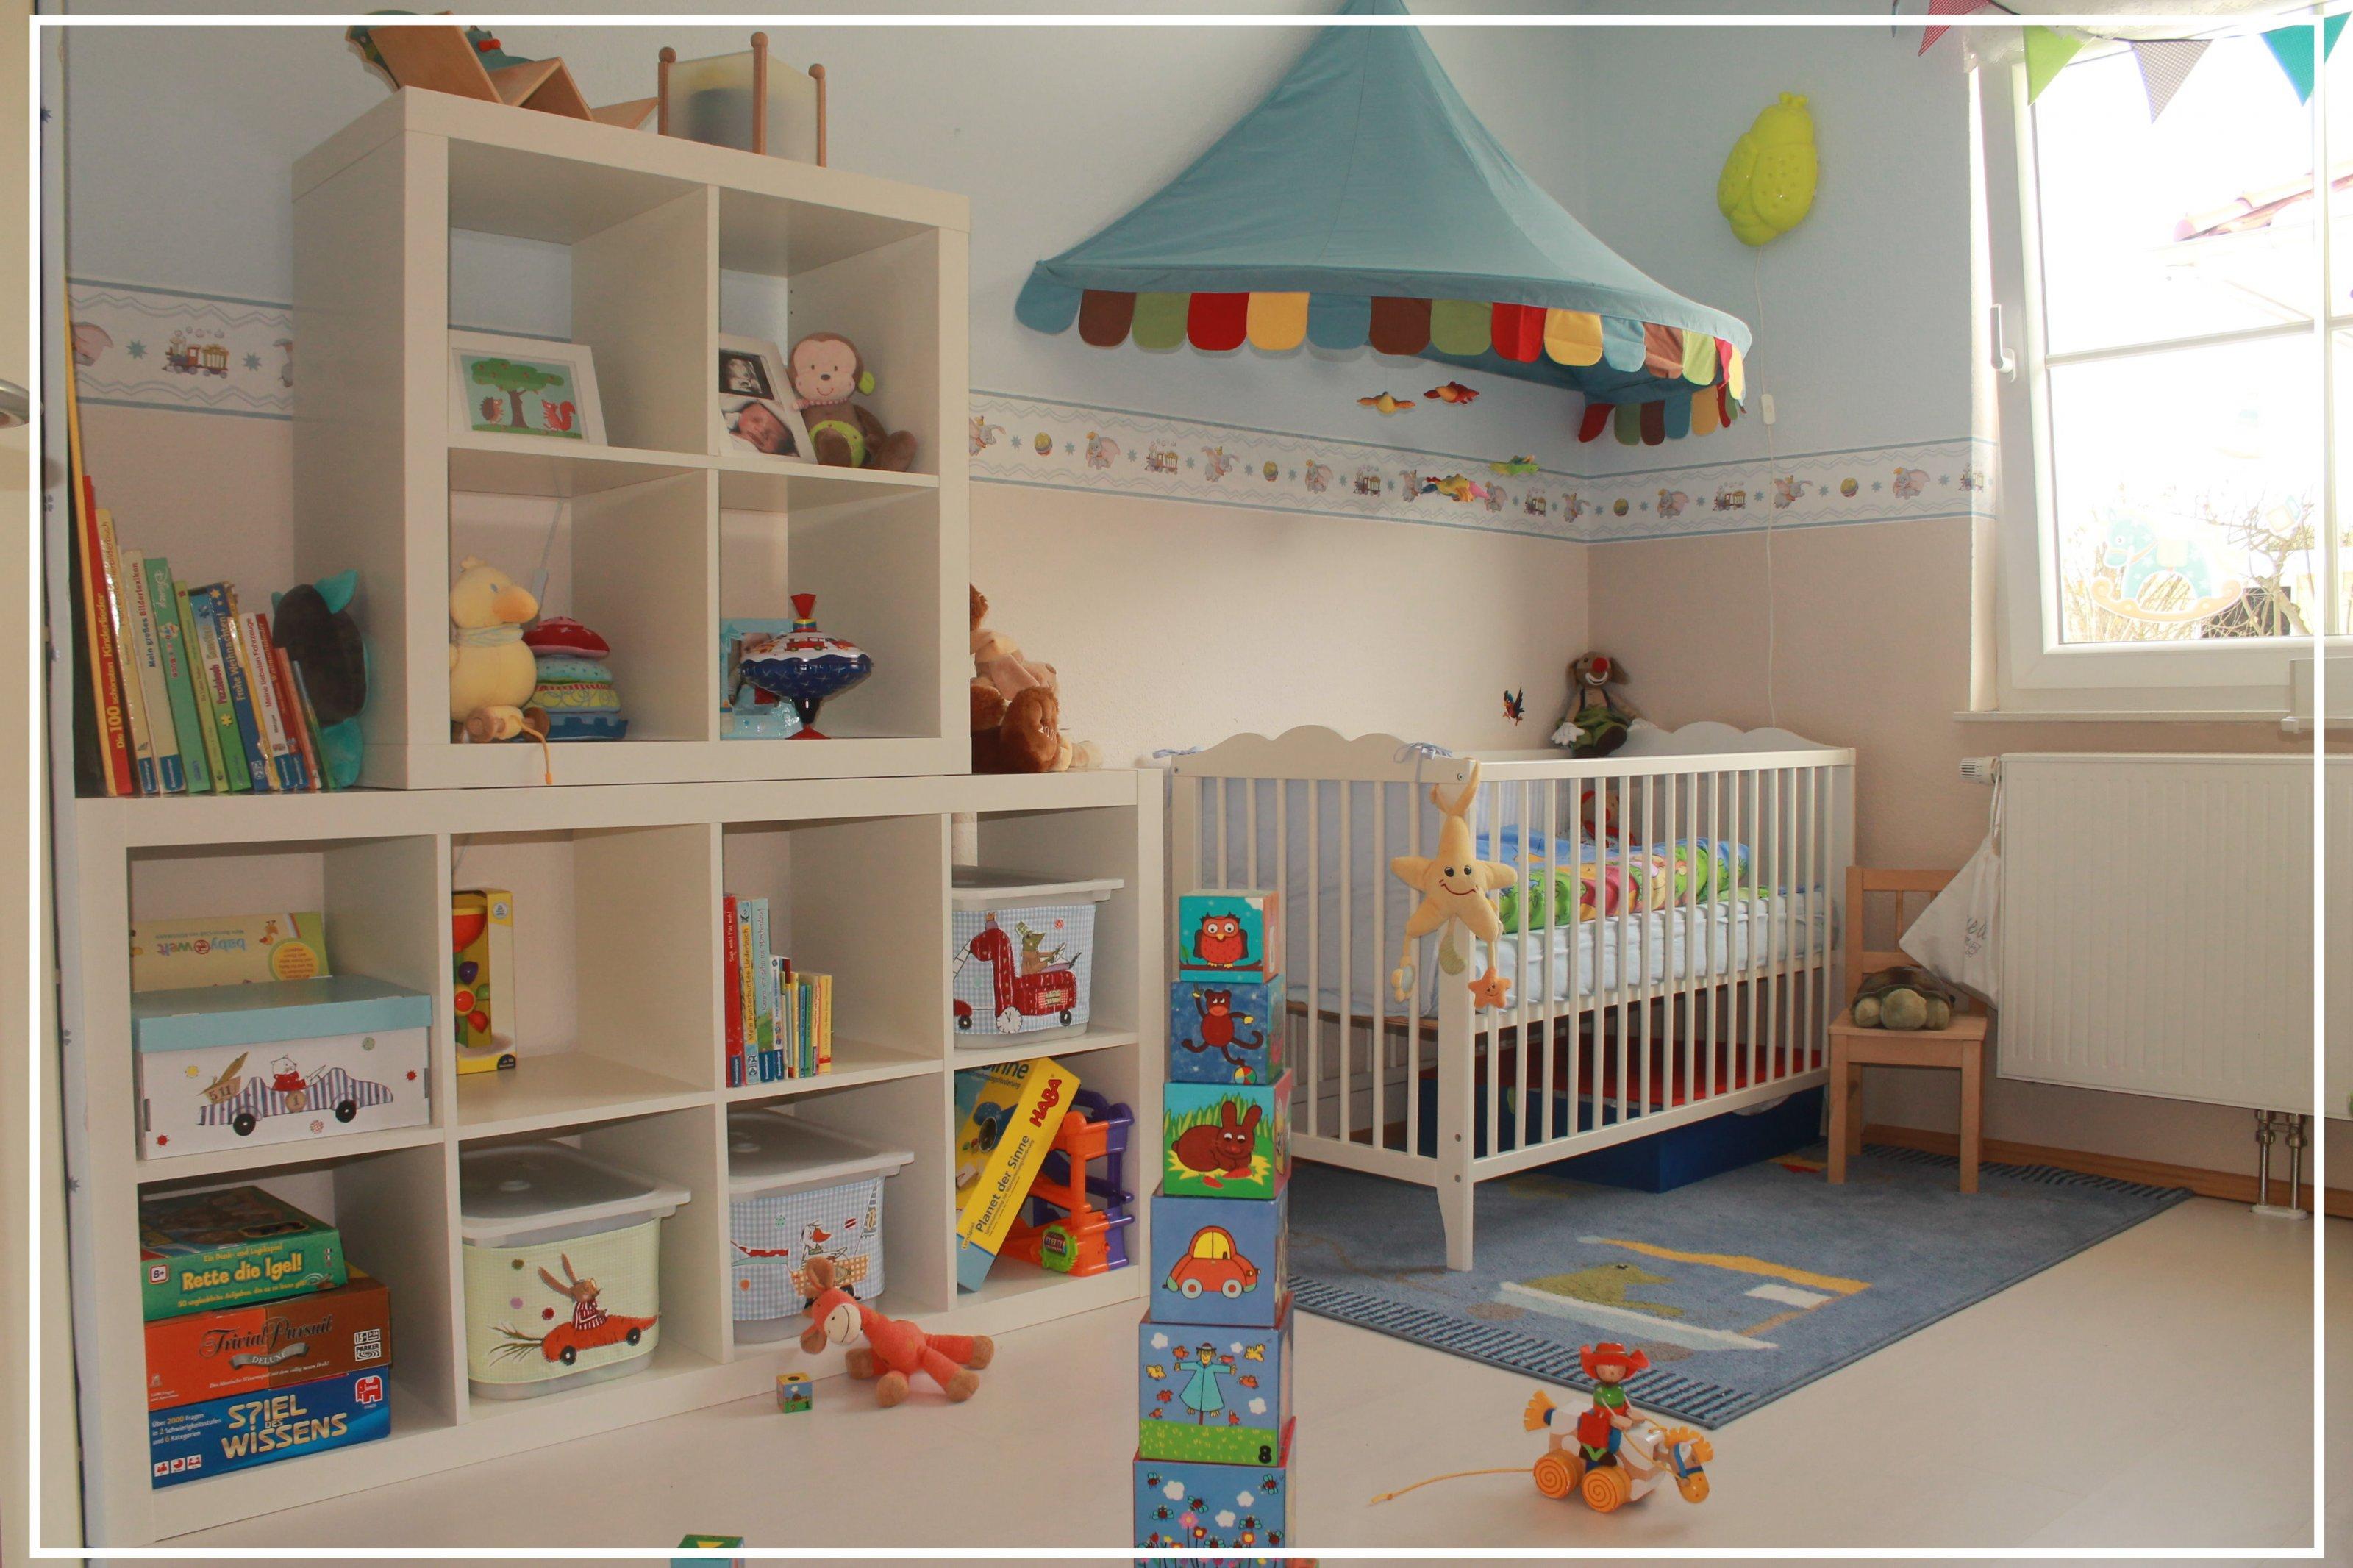 kinderzimmer 39 babyzimmer kleinkindzimmer 39 unser zuhause On kinderzimmer kleinkind